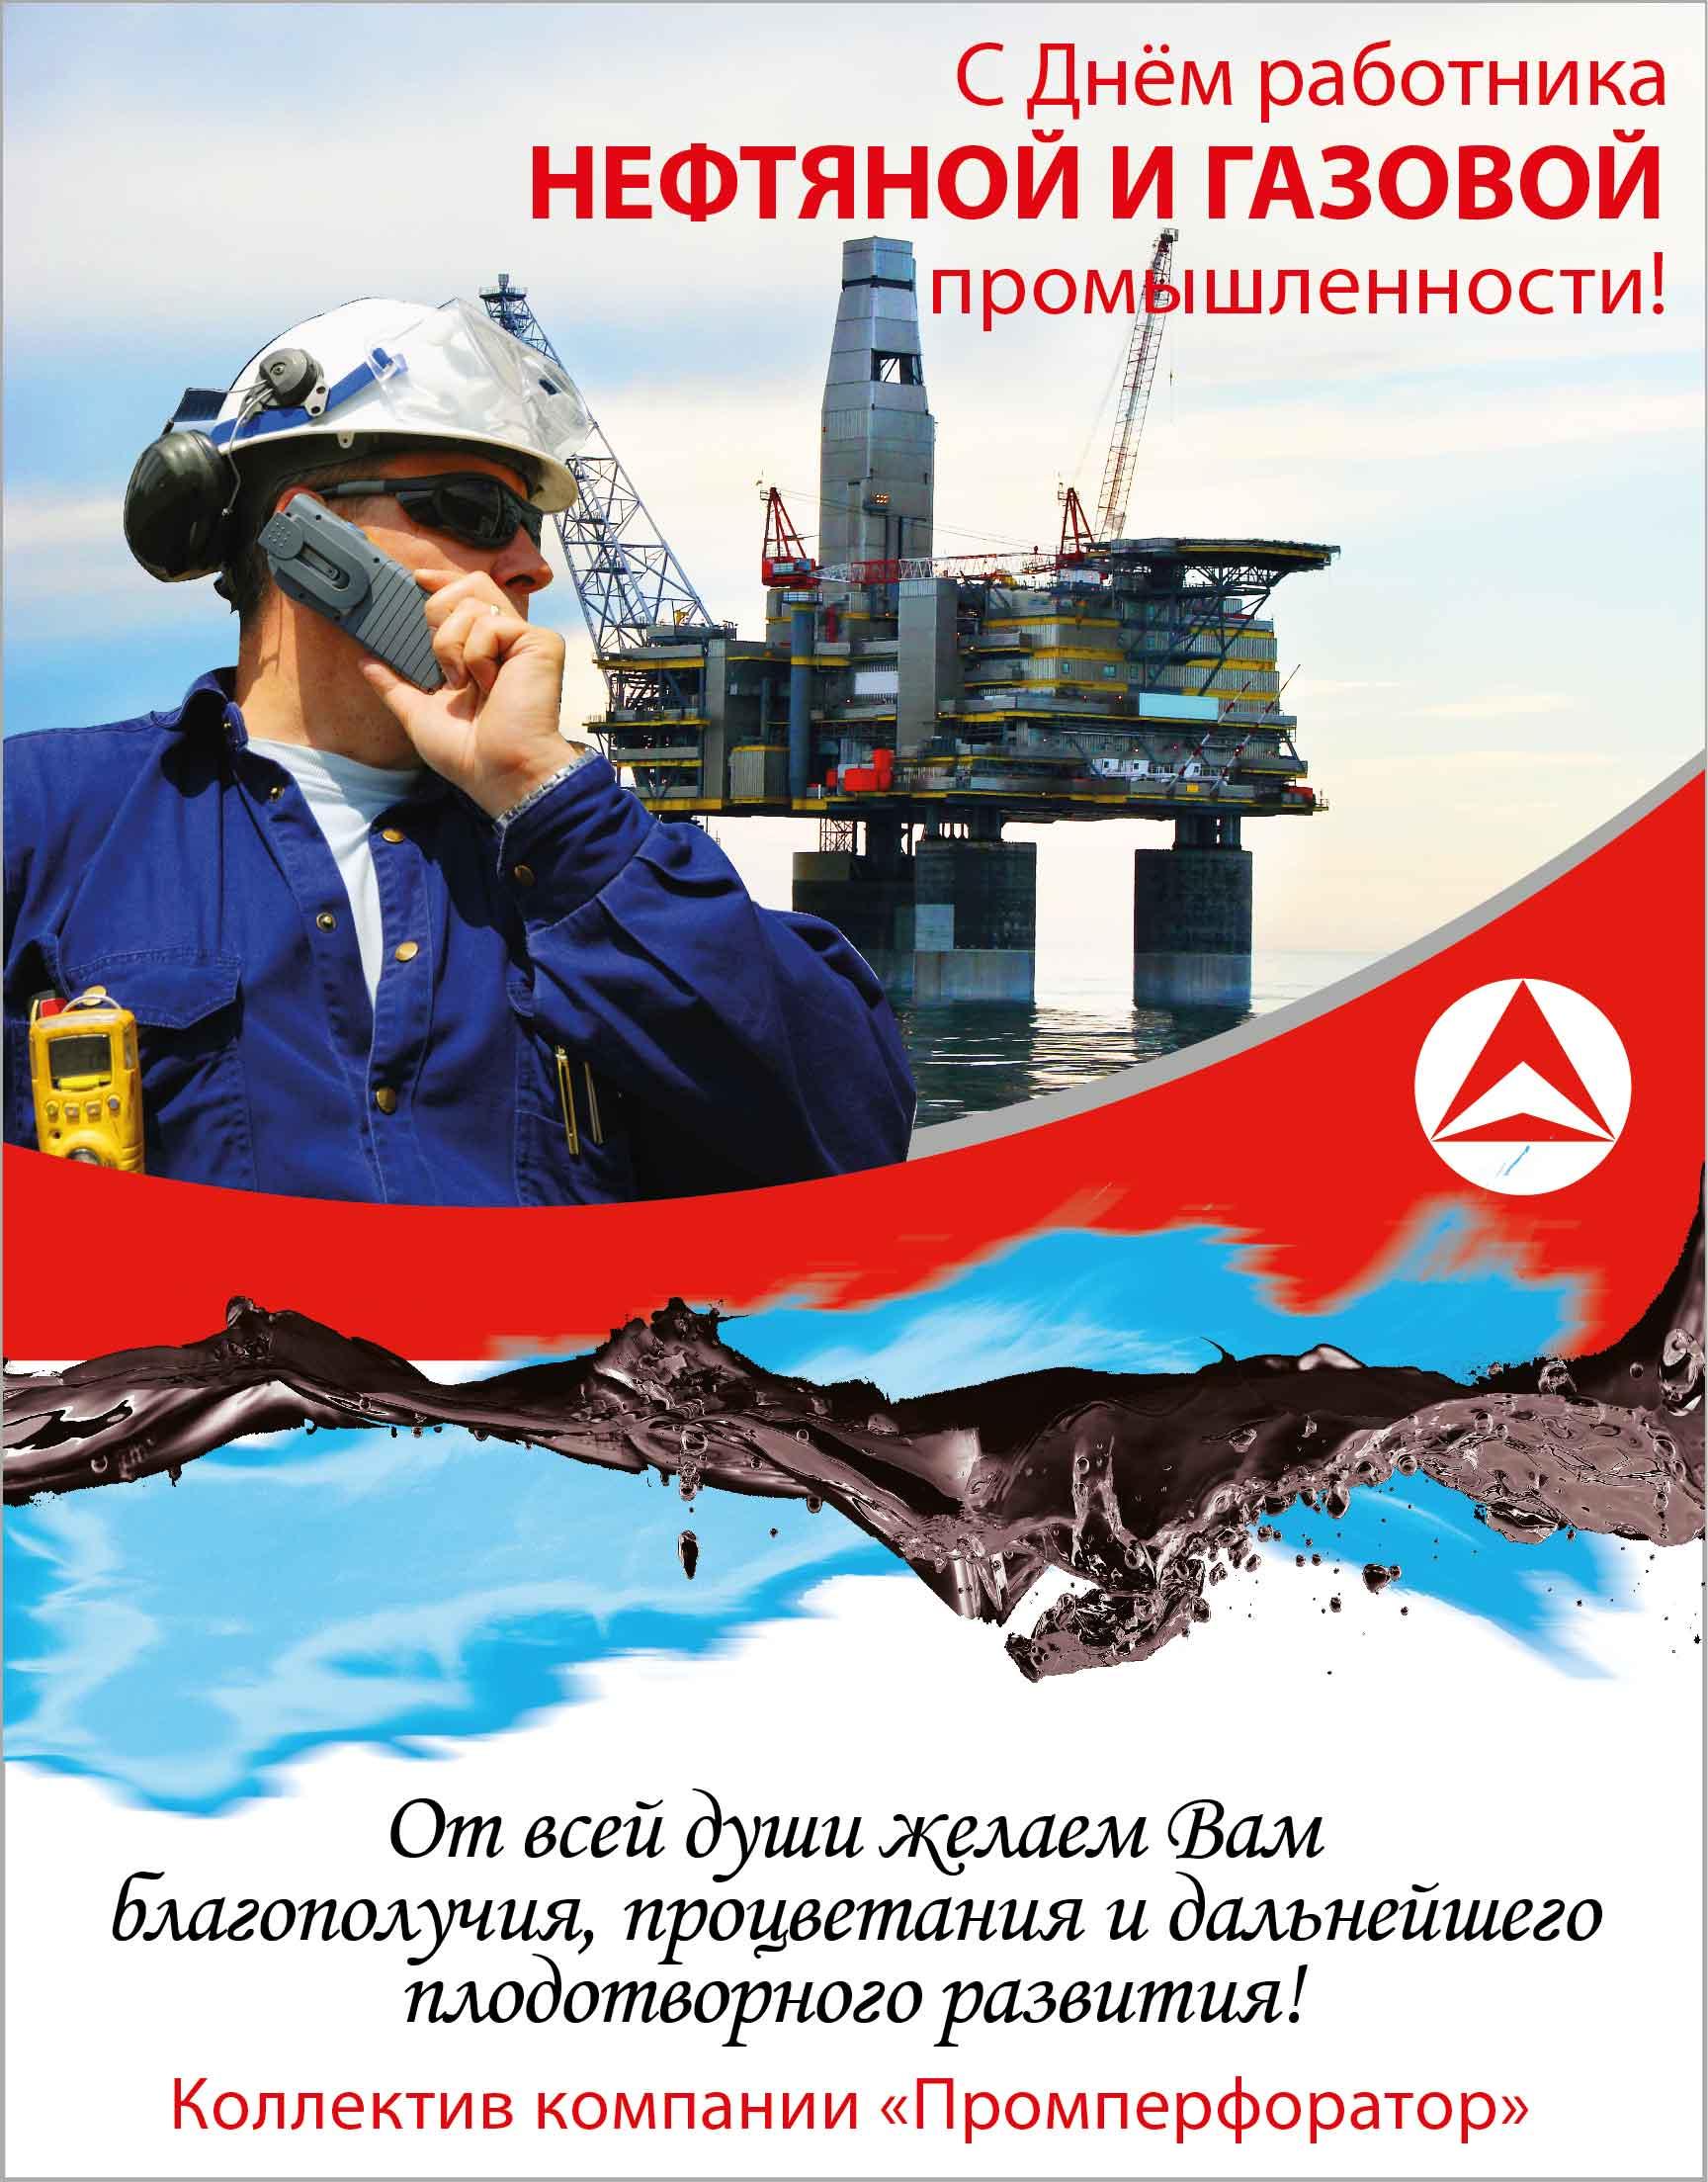 Поздравление коллектива с днем газовой промышленности 64